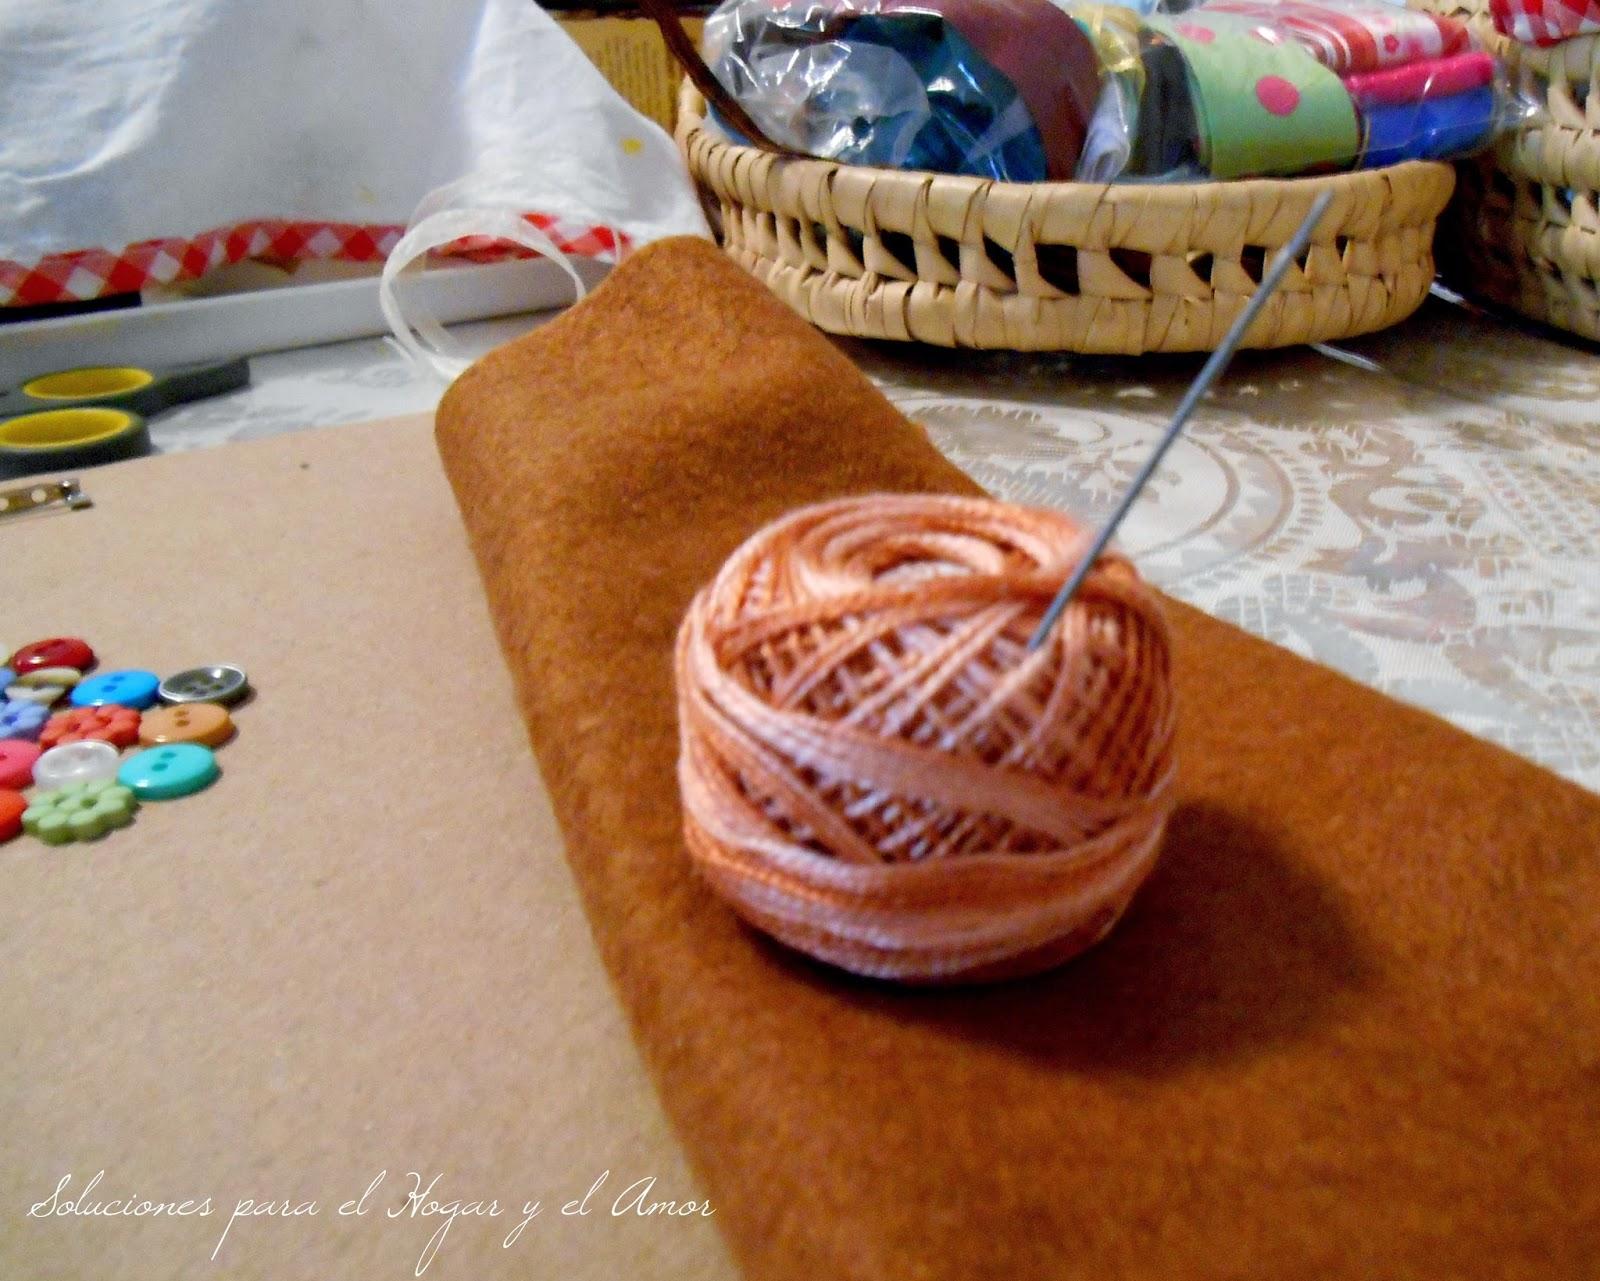 fieltro, hilo y aguja de bordar